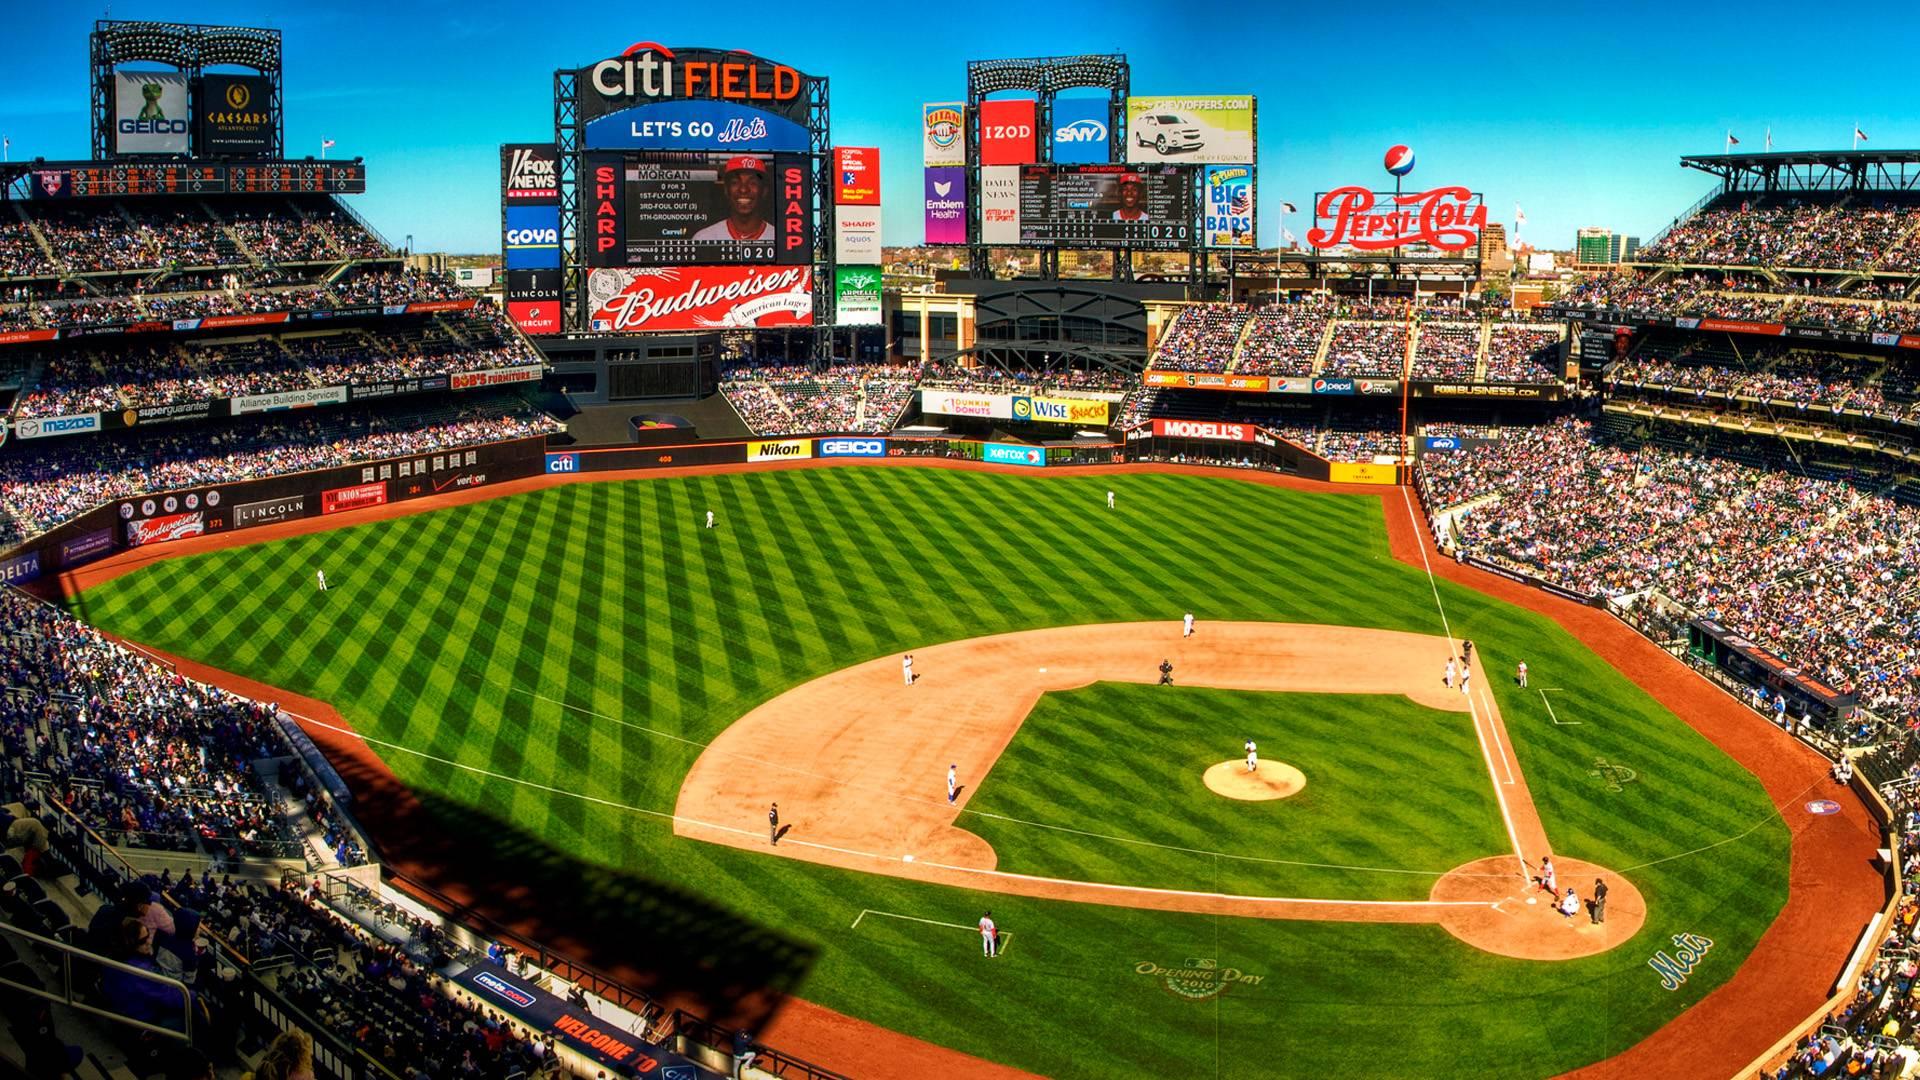 """Wallpapers For > Baseball Field Wallpaper""""/></a></p> <h2>Chupando um jovem h&eacute_tero jogador de baseball!</h2> <p><iframe height=481 width=608 src="""